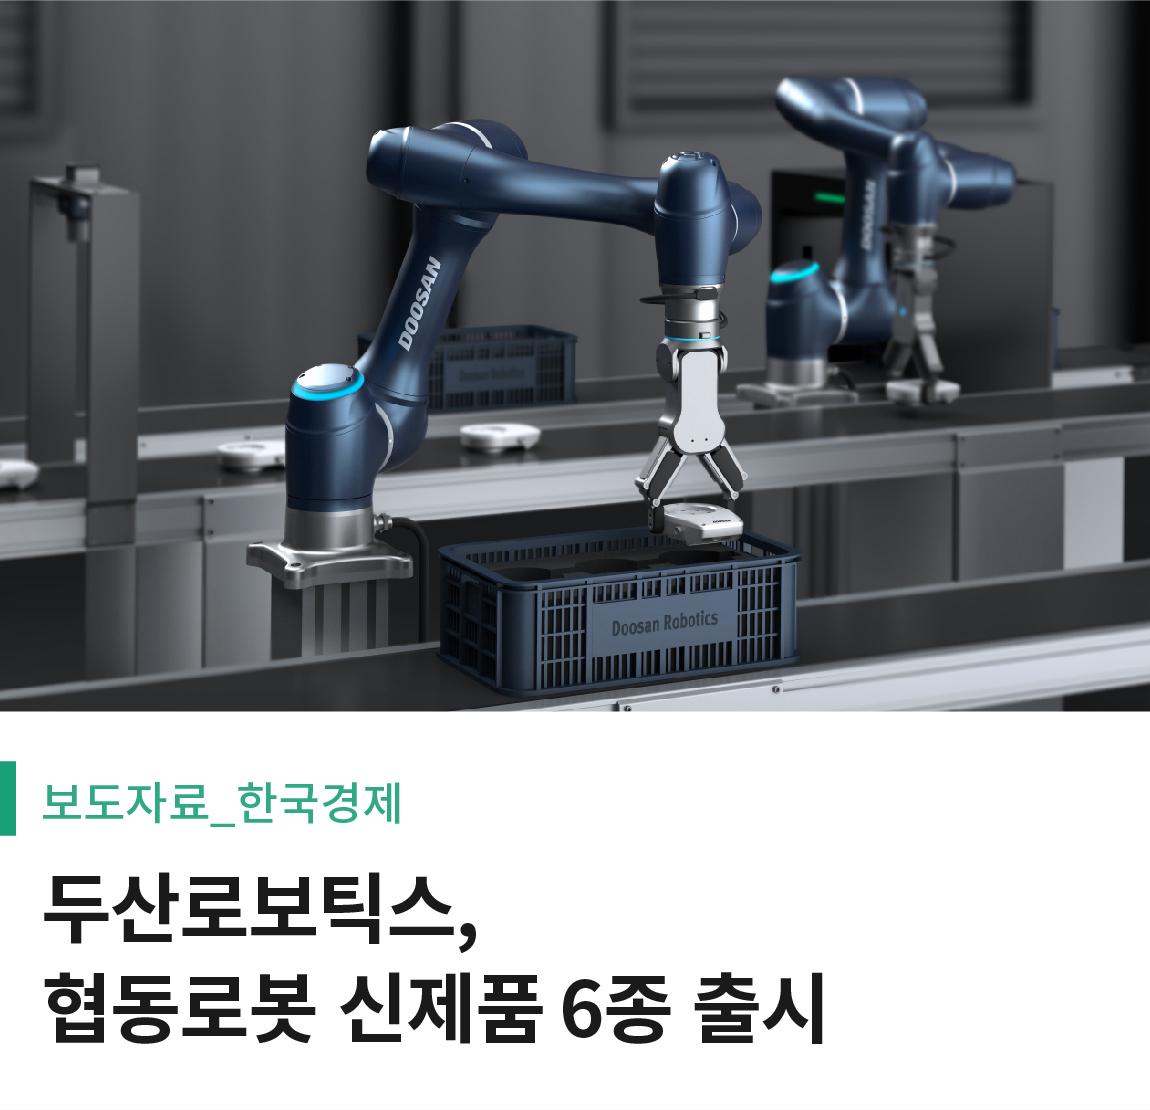 보도자료_한국경제 두산로보틱스 협동로봇 신제품 6종 출시